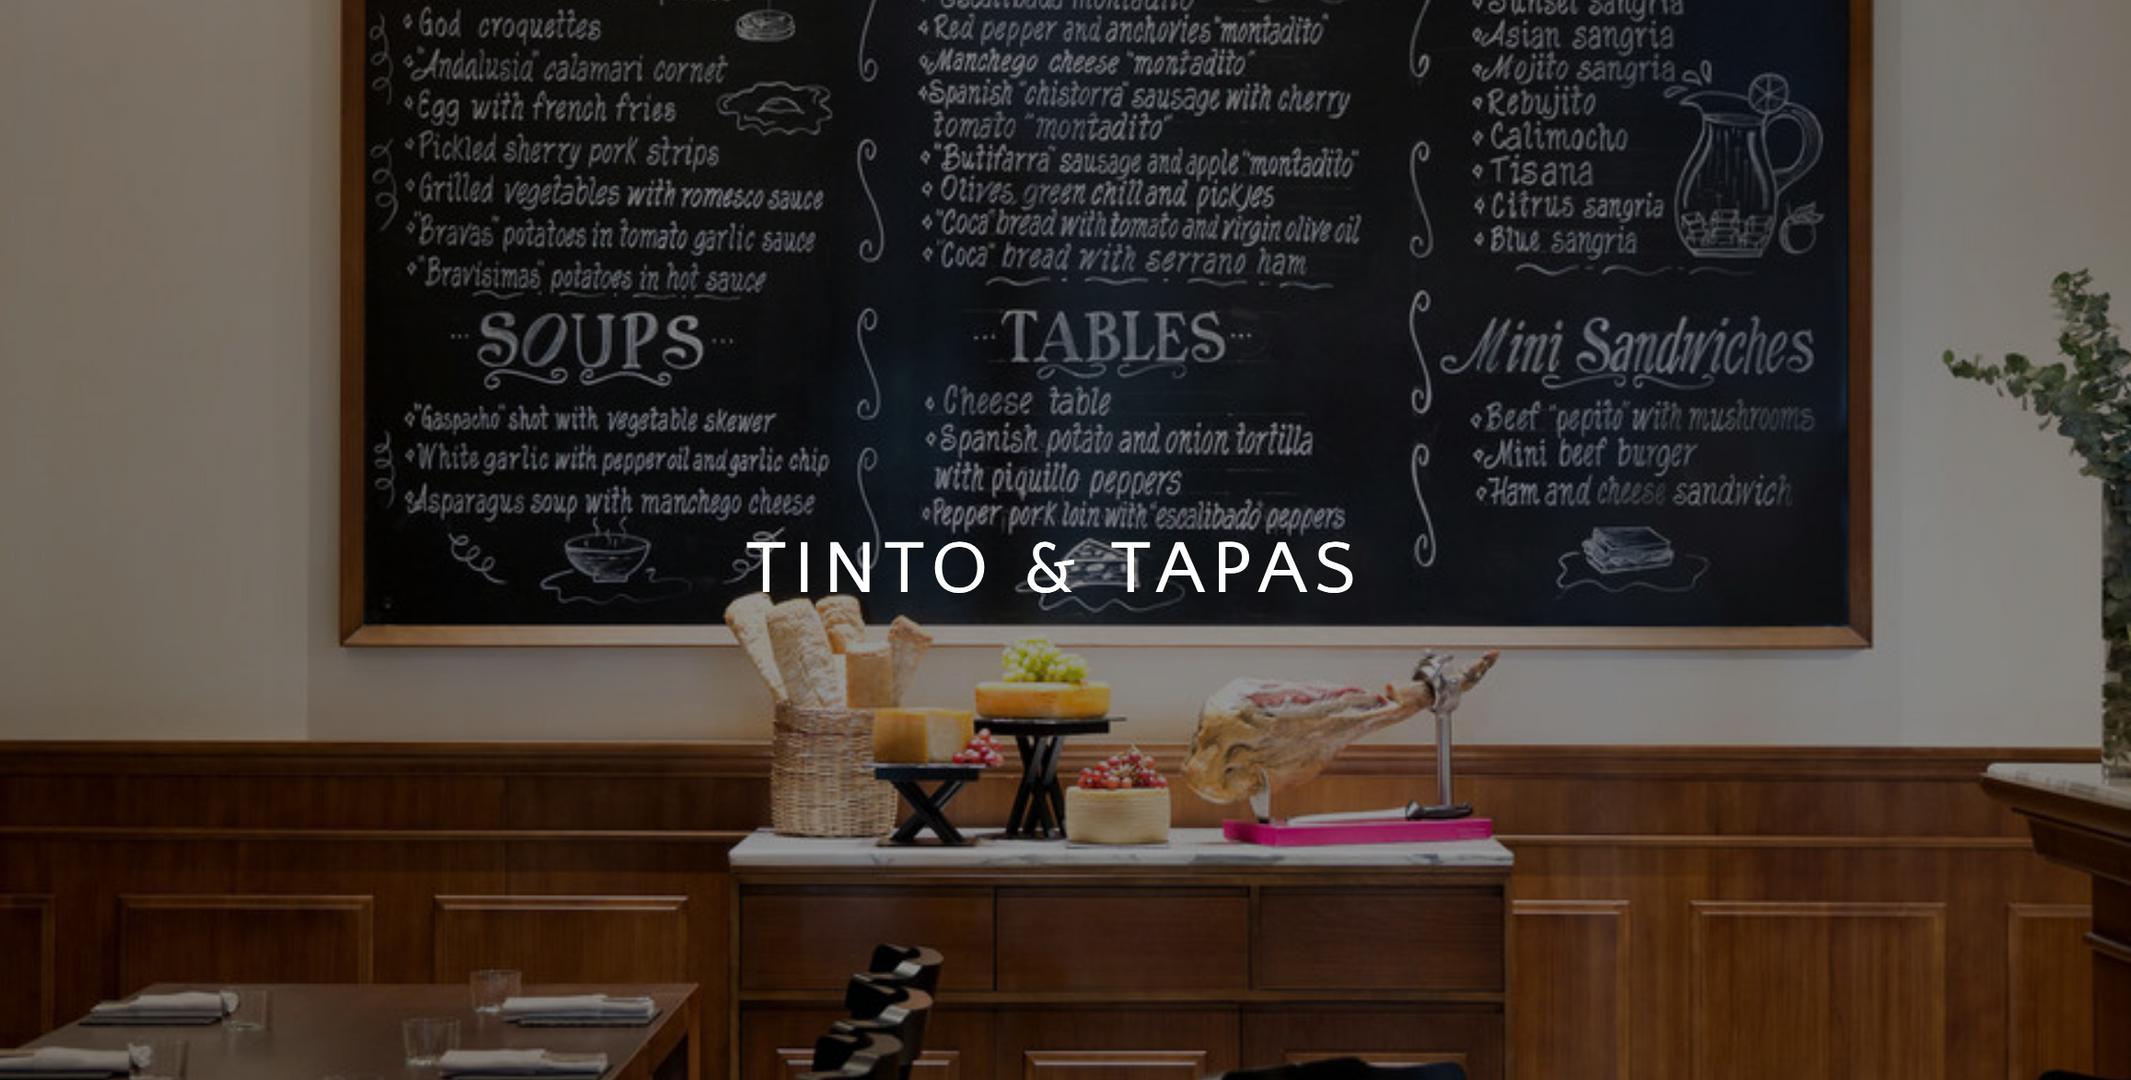 TINTO & TAPAS